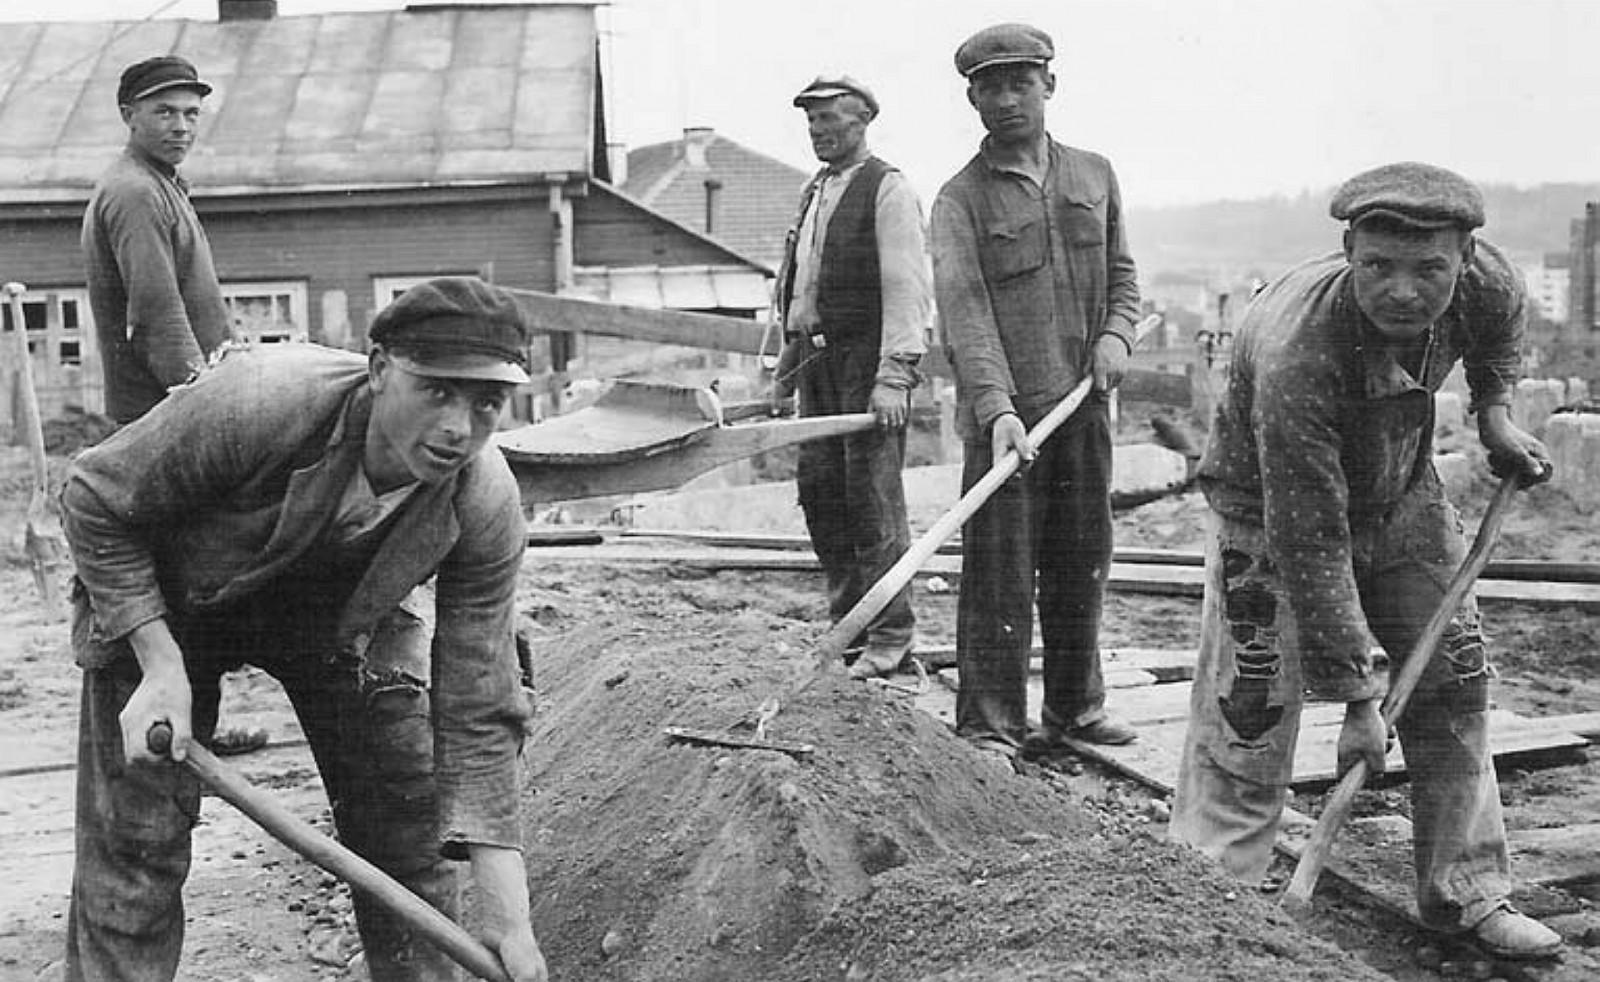 3 il. Taip pradėta bažnyčios statyba, 1934, Kauno Kristaus Prisikėlimo bažnyčios ir parapijos archyvas